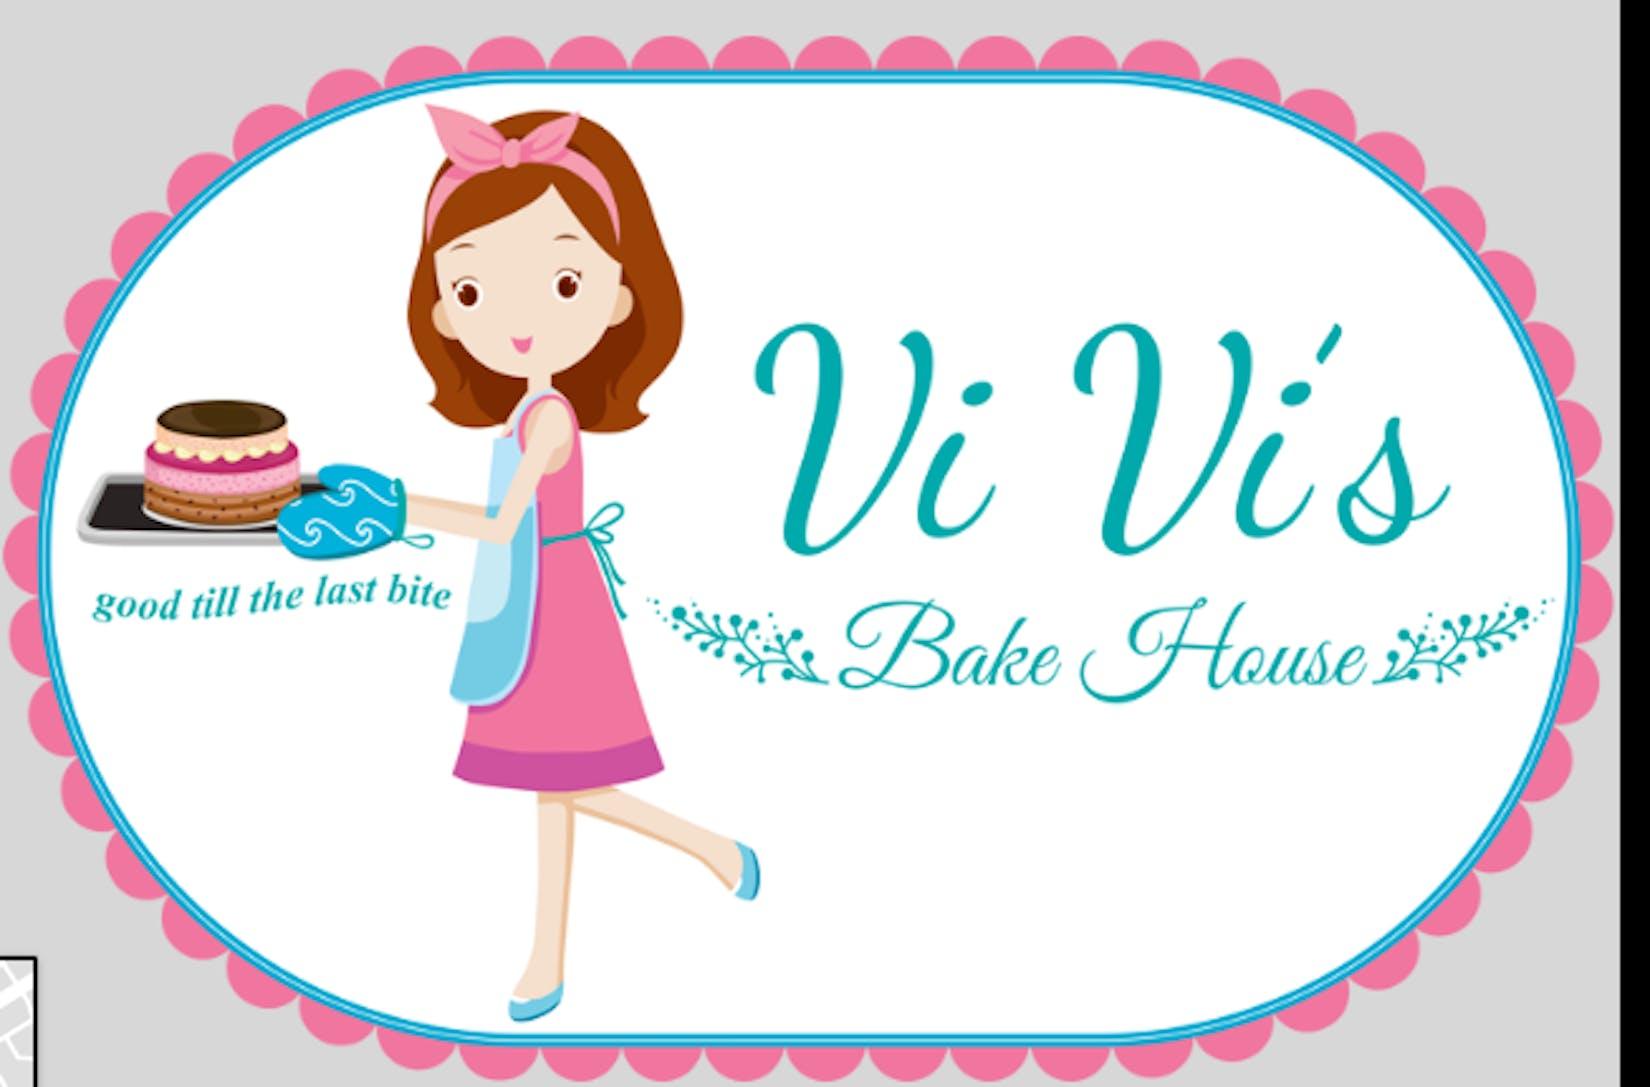 Vivi's Bakehouse | yathar